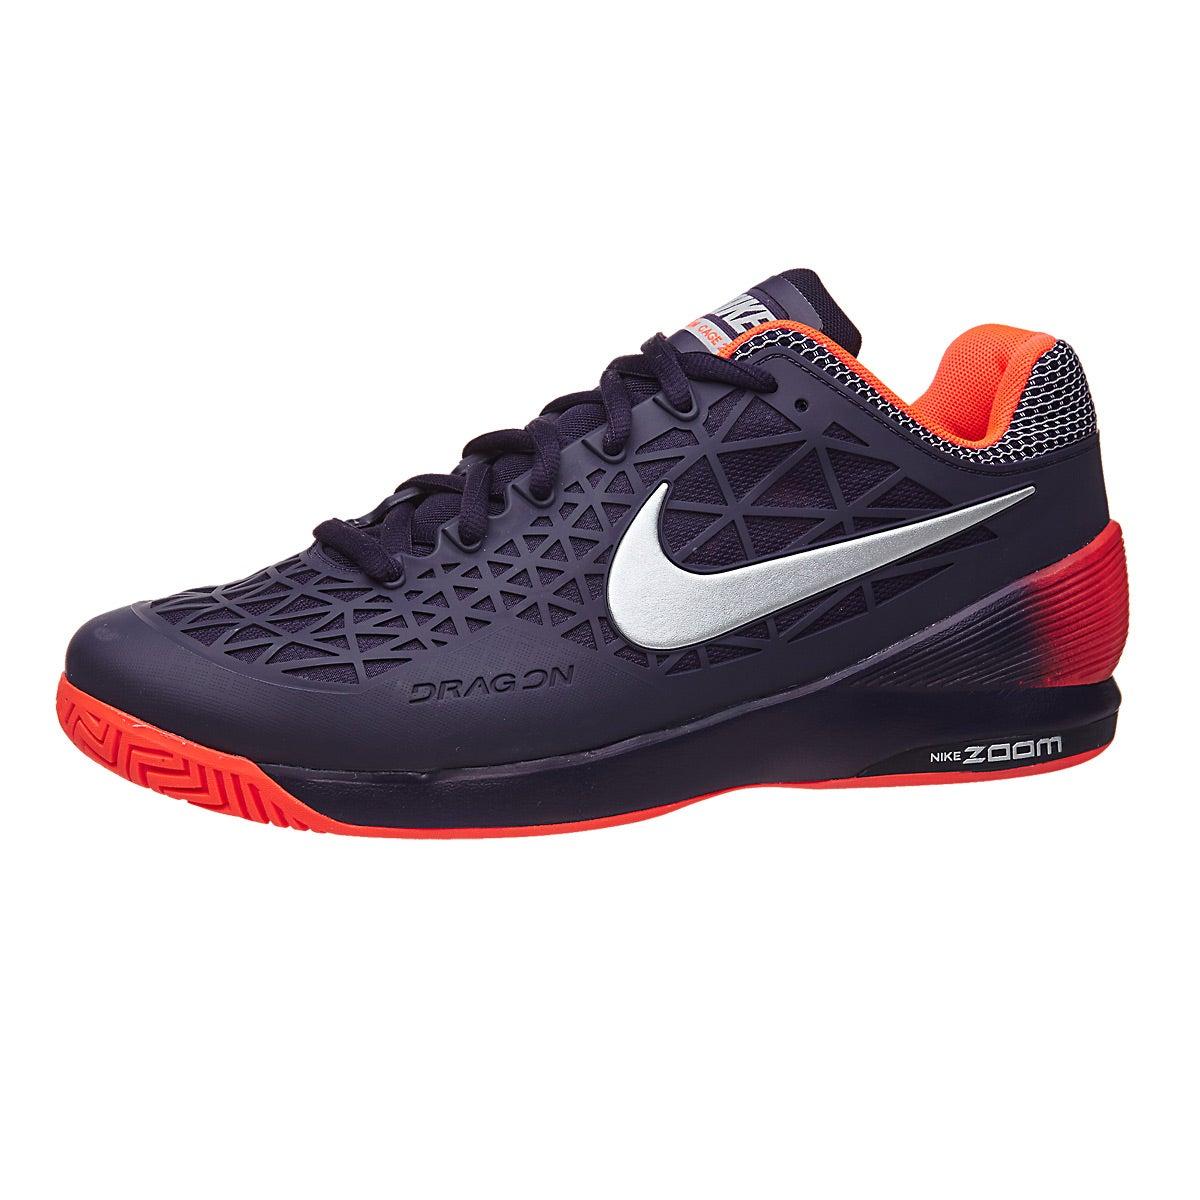 sports shoes 27f17 d4389 ... italy winflo 2 black orange white nike zoom cage 2 purple crimson silver  . e1ee5 e214f